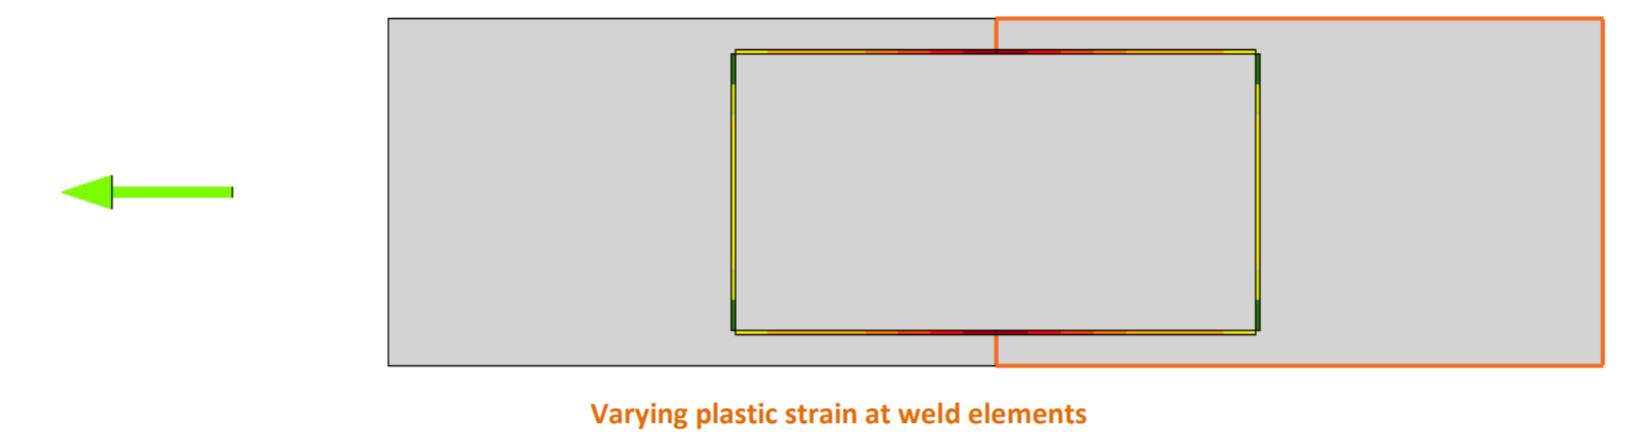 Variërende plastische rek bij laselementen